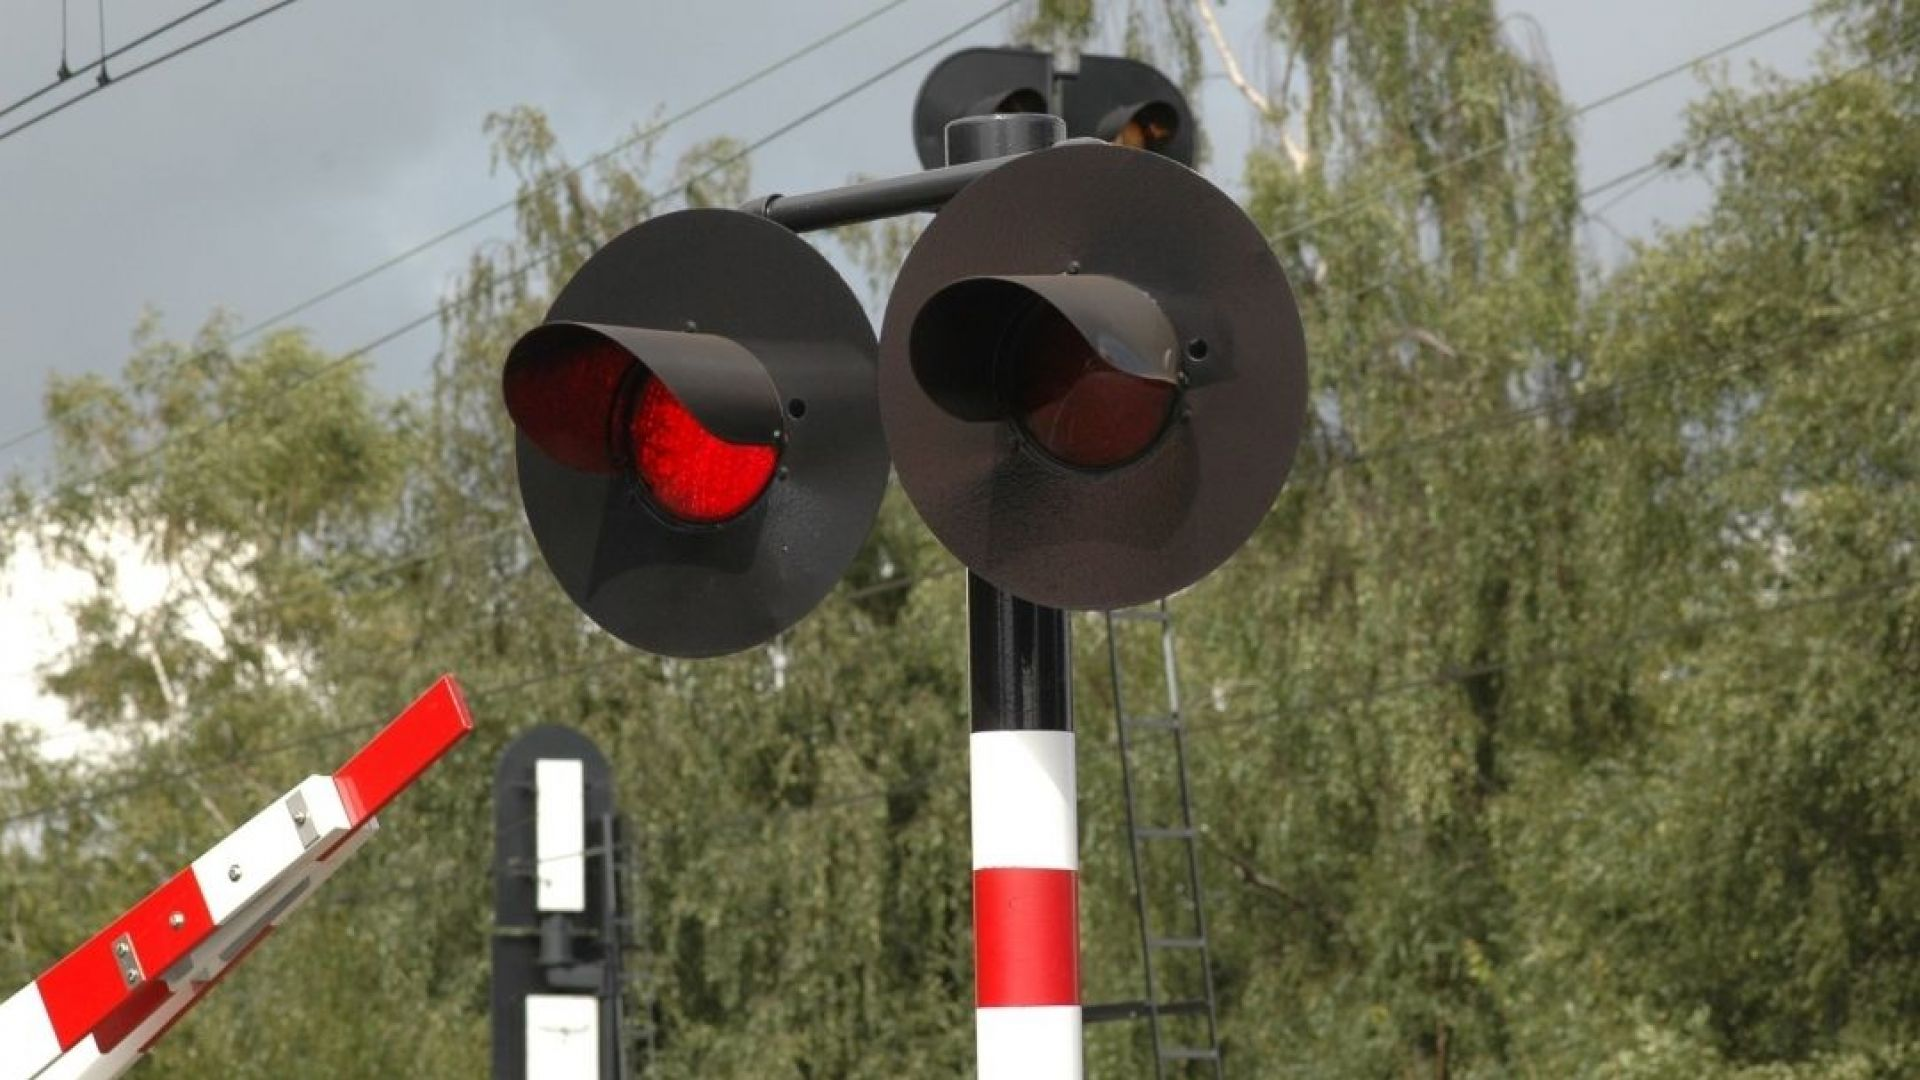 Спрян е теч на газ от жп цистерна на гара Разпределителна в Русе